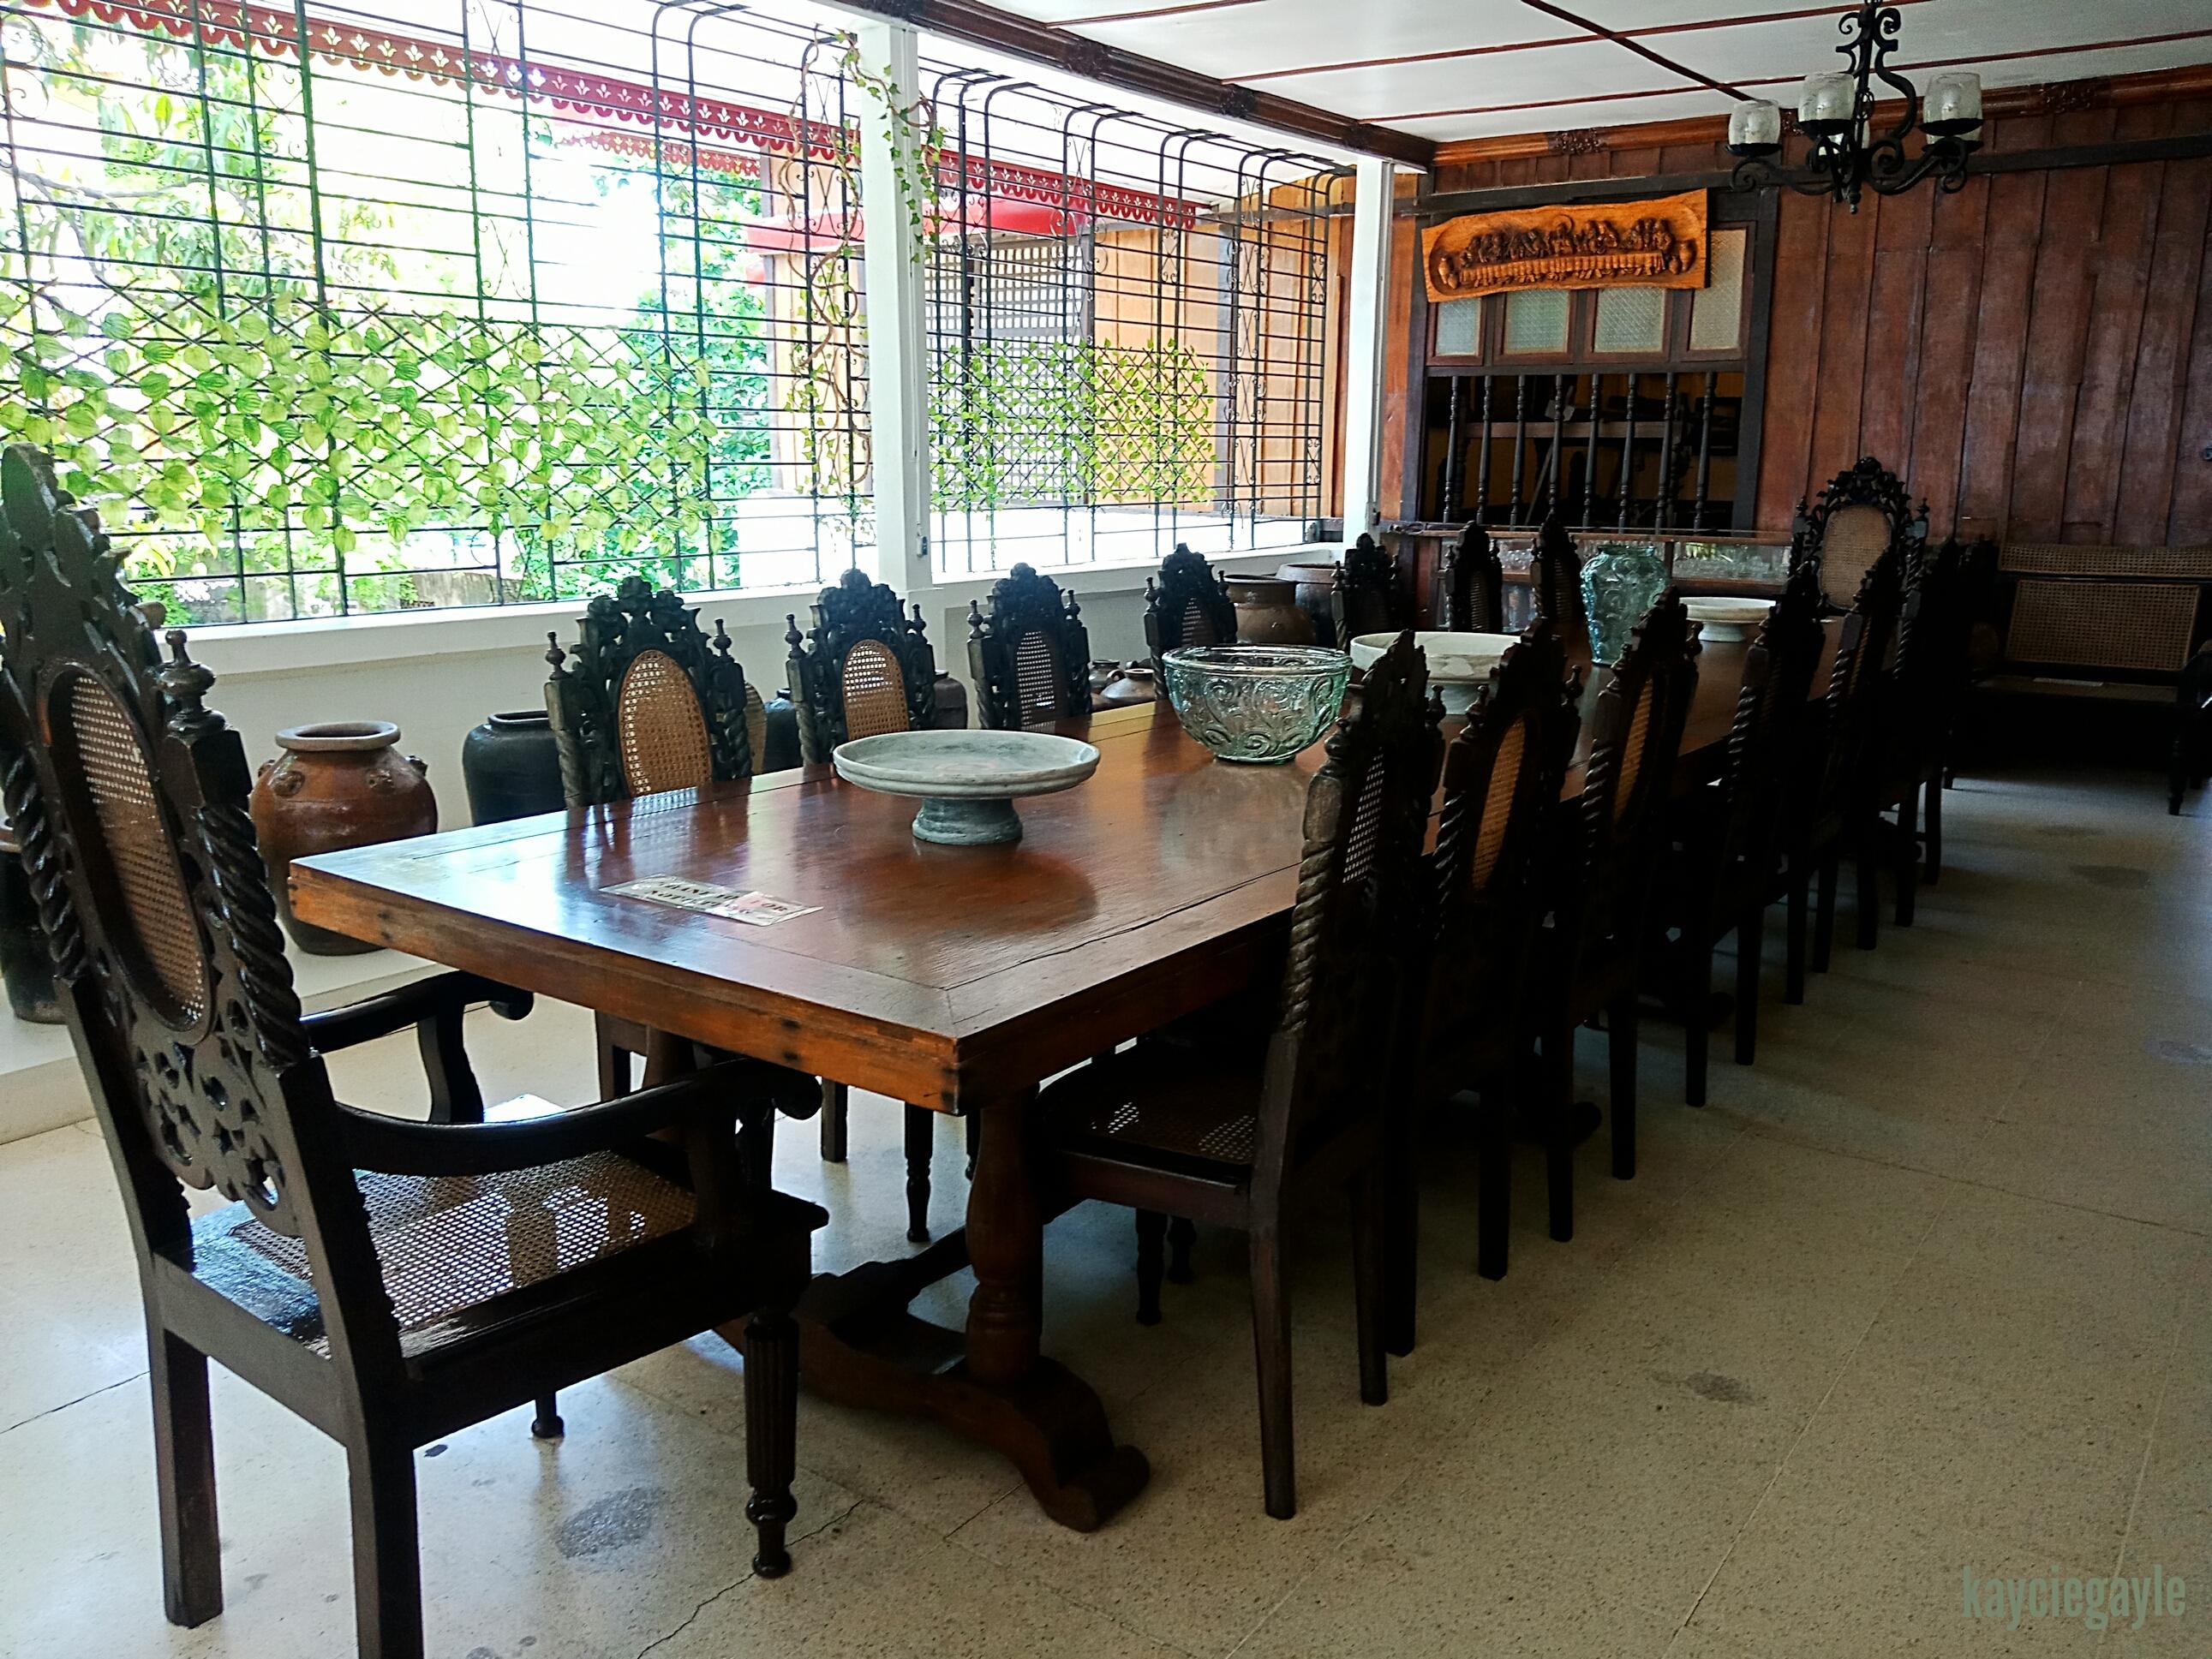 Crisologo Museum Vigan Ilocos Sur Philippines Dining Room